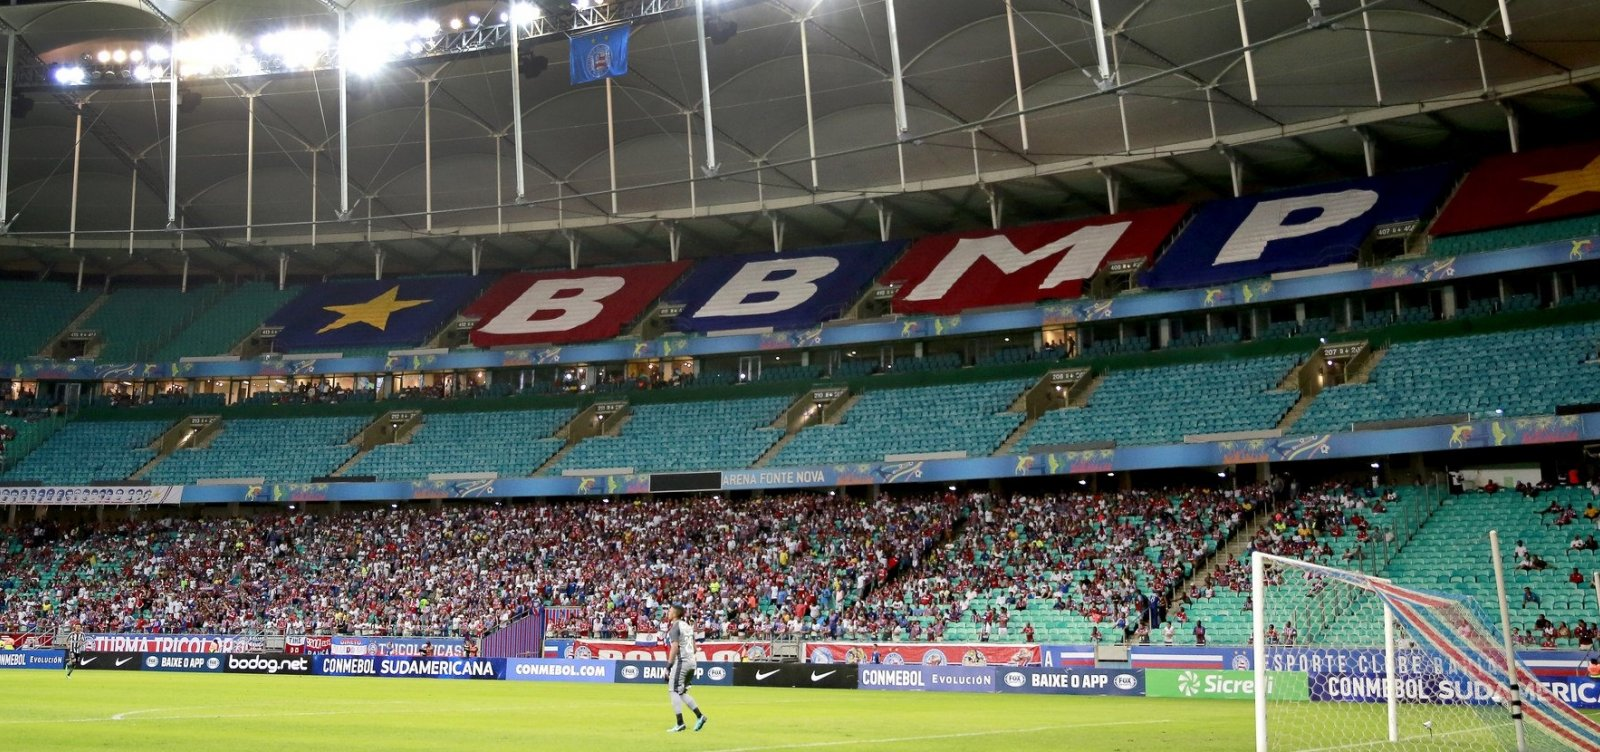 Duelo entre Bahia e Flamengo já tem 23 mil ingressos garantidos